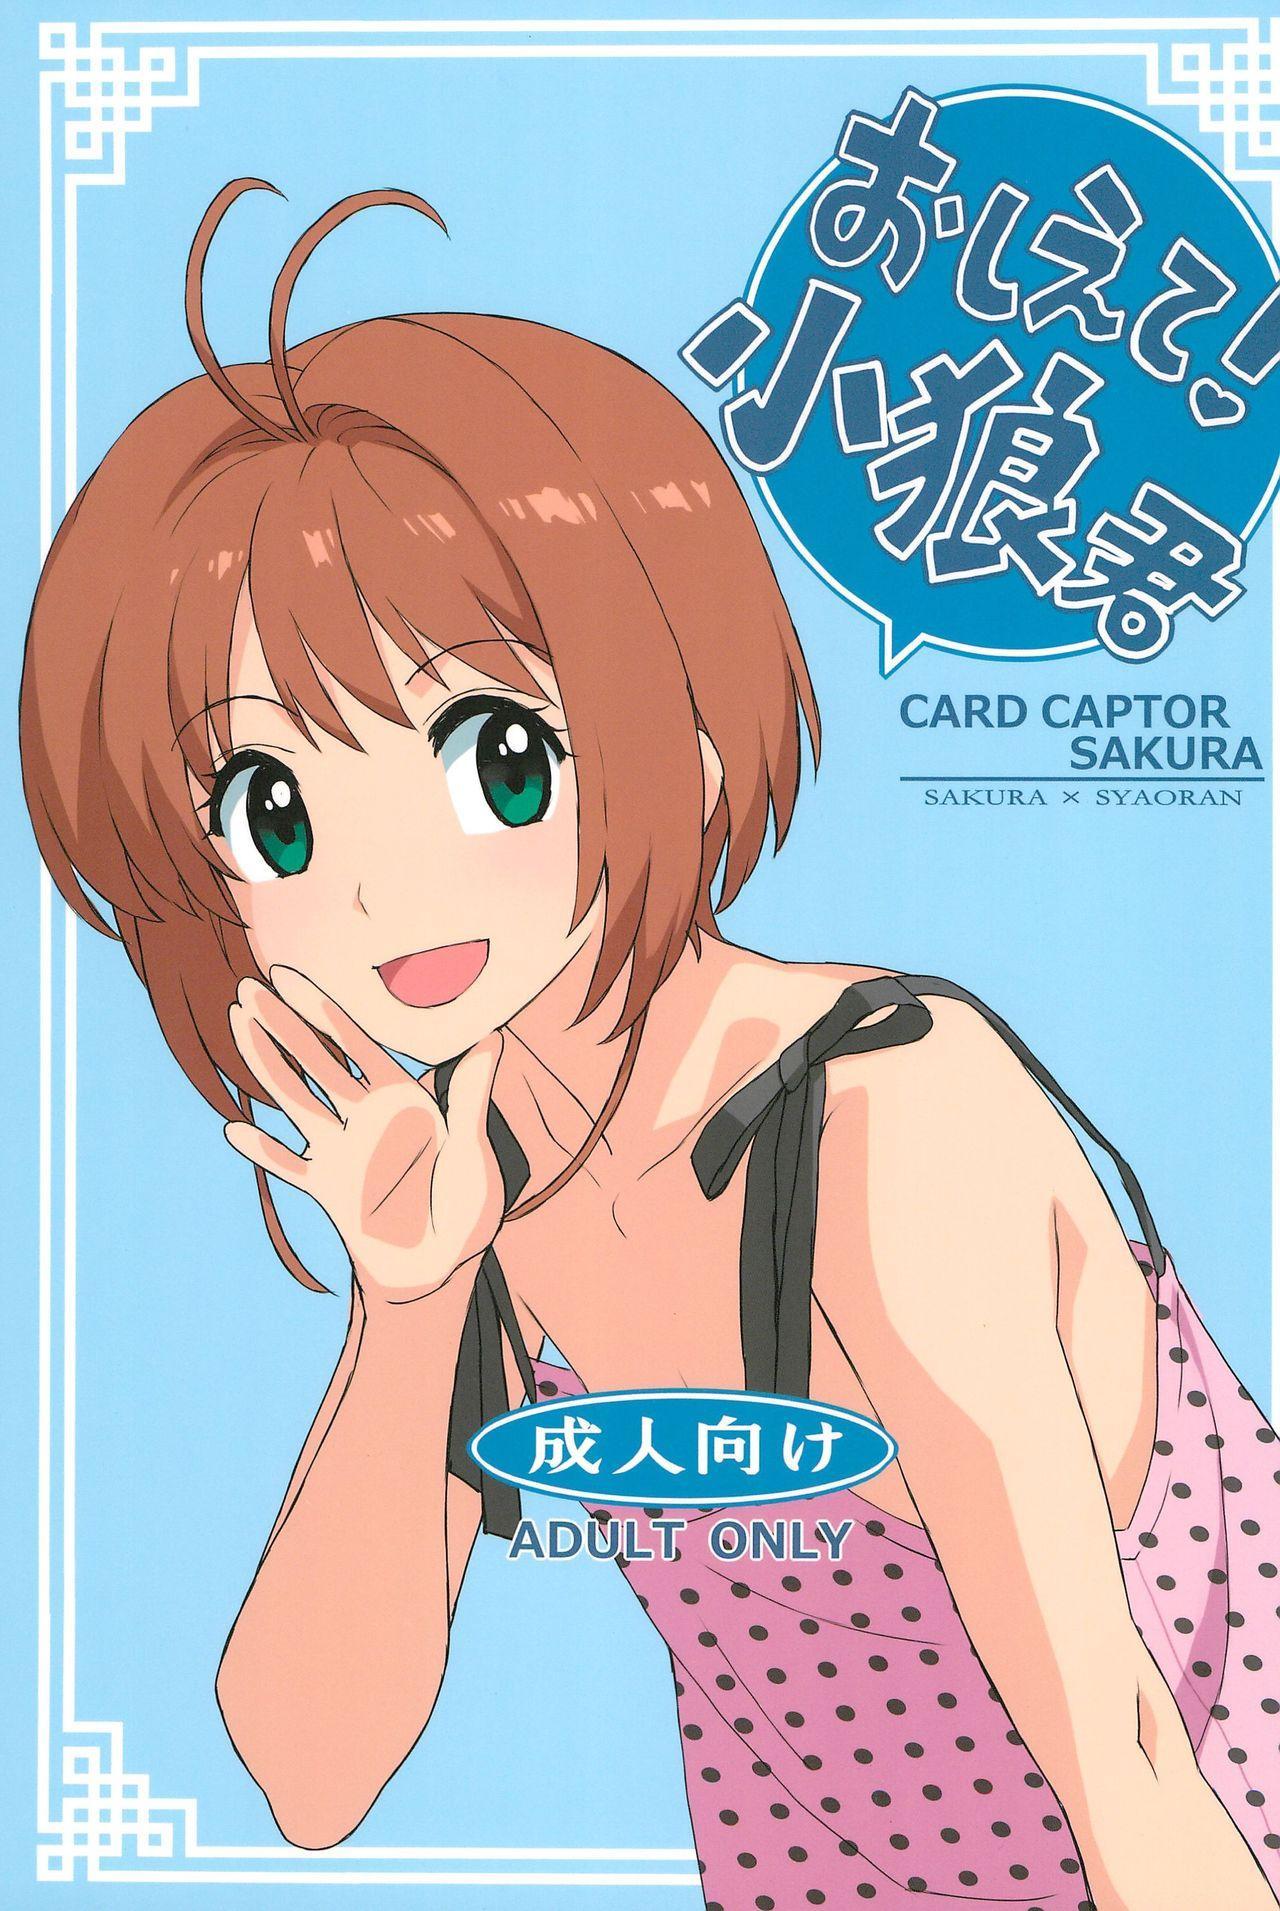 (C90) [MURDERHOUSE (Workaholic)] Oshiete! Syaoran-kun | Teach Me! Syaoran-kun (Cardcaptor Sakura) [English] {Hennojin} 0